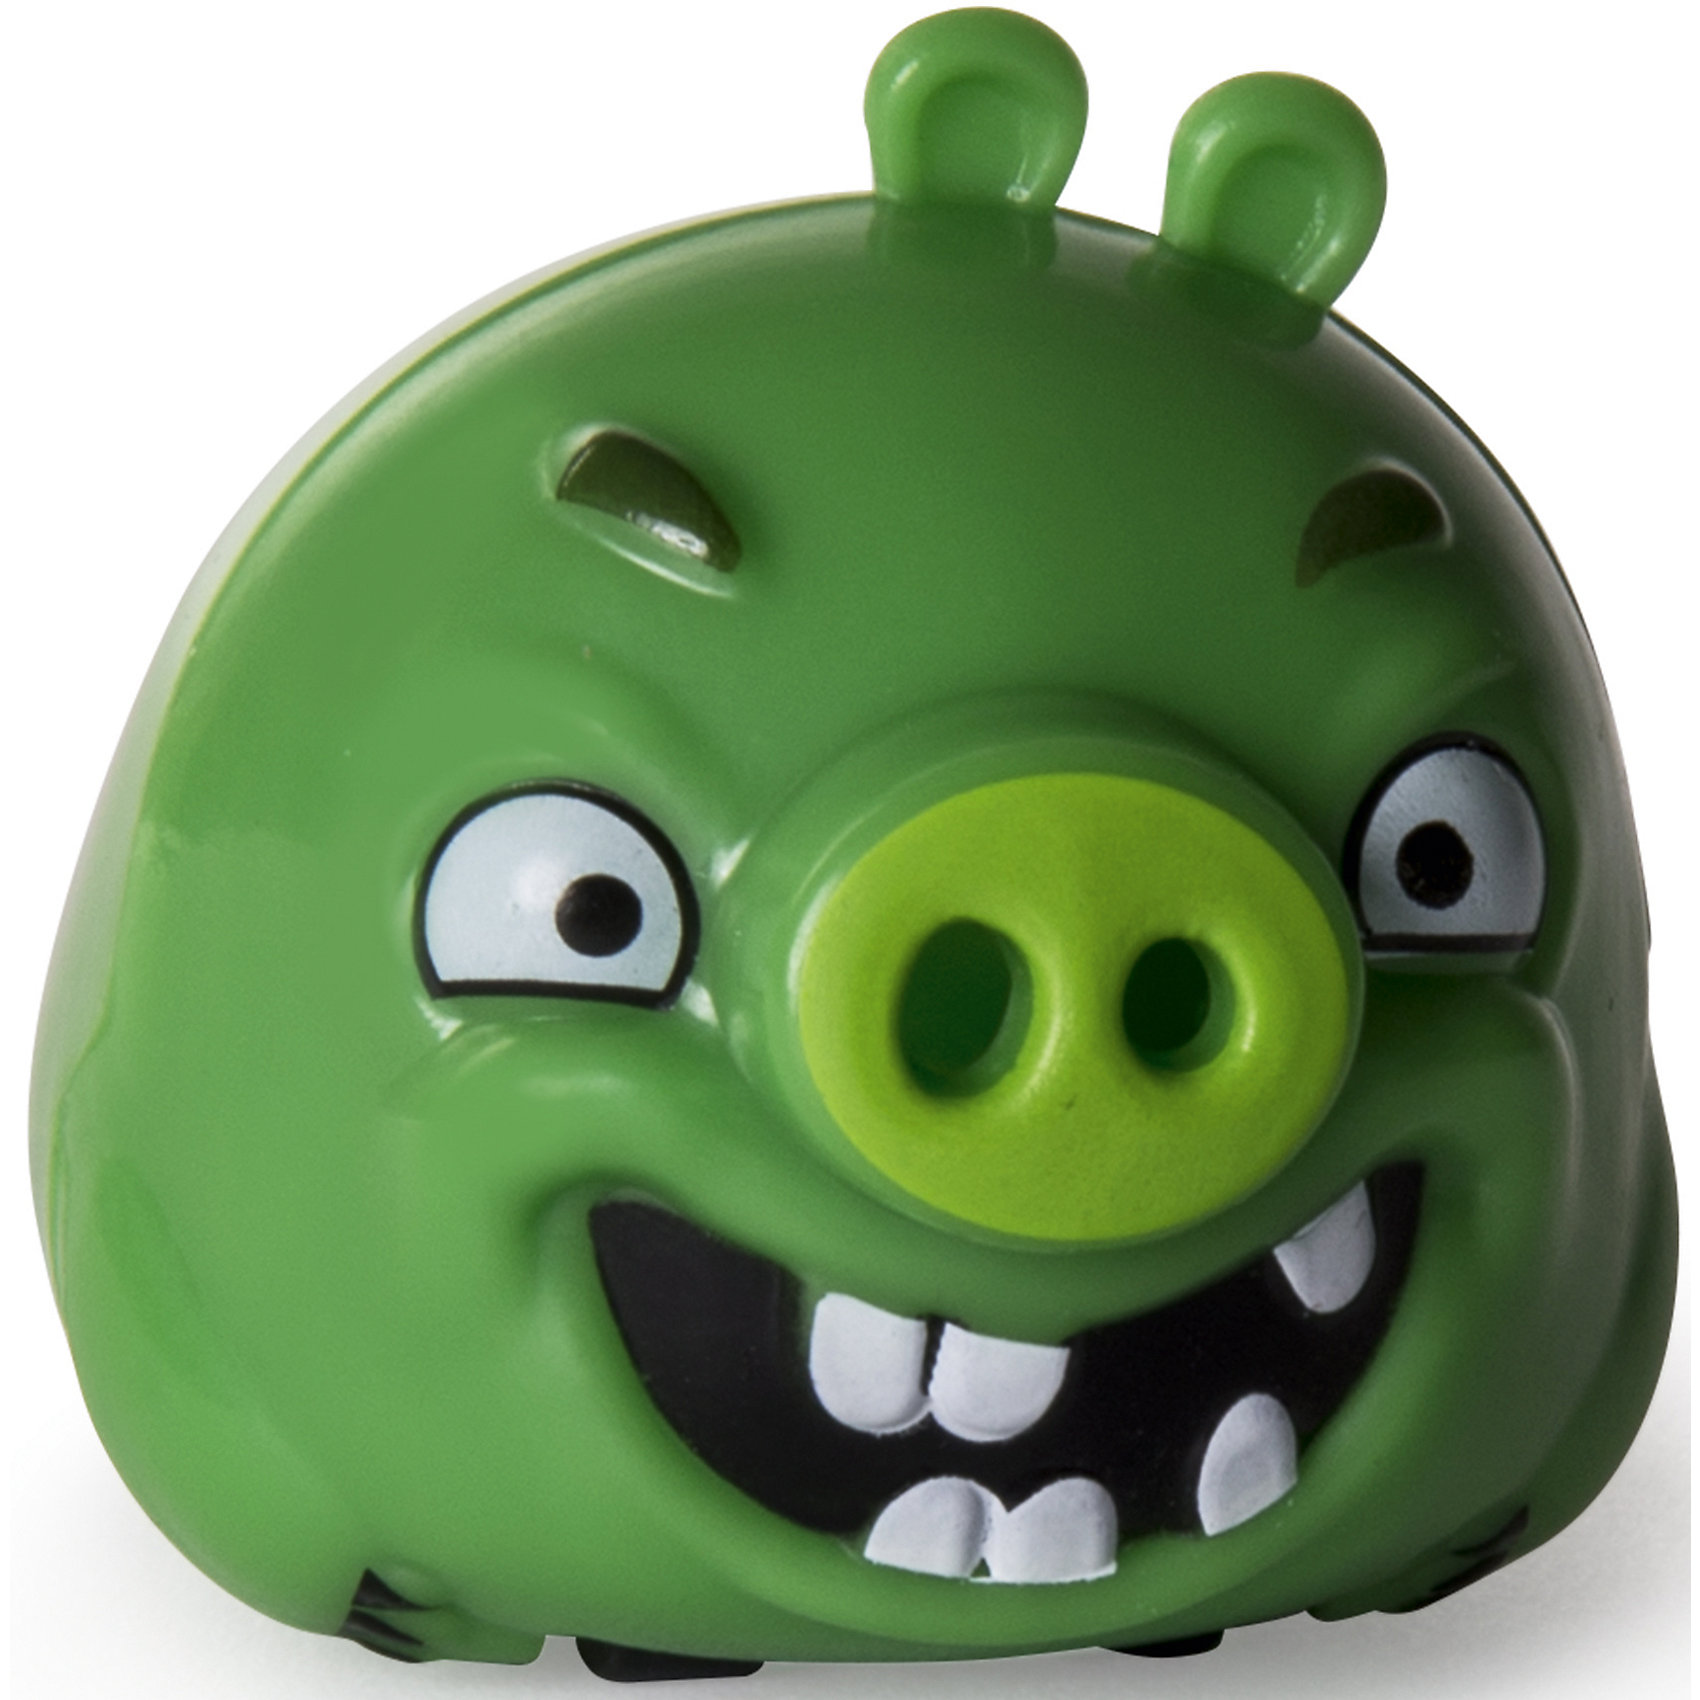 Птичка на колесиках Свинья, Angry BirdsКоллекционные и игровые фигурки<br>Характеристики товара:<br><br>• возраст от 3 лет;<br>• материал: пластик;<br>• размер машинки 6 см;<br>• размер упаковки 15х16х4 см;<br>• вес упаковки 320 гр.;<br>• страна производитель: Китай.<br><br>Птичка на колесиках «Свинья» Angry Birds — персонаж известной компьютерной игры Angry Birds, в которой злые птички сражаются со смешными зелеными поросятами. Игрушка выполнена в виде зеленой свинки на колесиках, благодаря которым она может ездить по поверхности. Дети могут собрать целую коллекцию популярных персонажей. Игрушка изготовлена из качественного пластика.<br><br>Птичку на колесиках «Свинья» Angry Birds можно приобрести в нашем интернет-магазине.<br><br>Ширина мм: 162<br>Глубина мм: 149<br>Высота мм: 40<br>Вес г: 23<br>Возраст от месяцев: 48<br>Возраст до месяцев: 96<br>Пол: Мужской<br>Возраст: Детский<br>SKU: 6741909